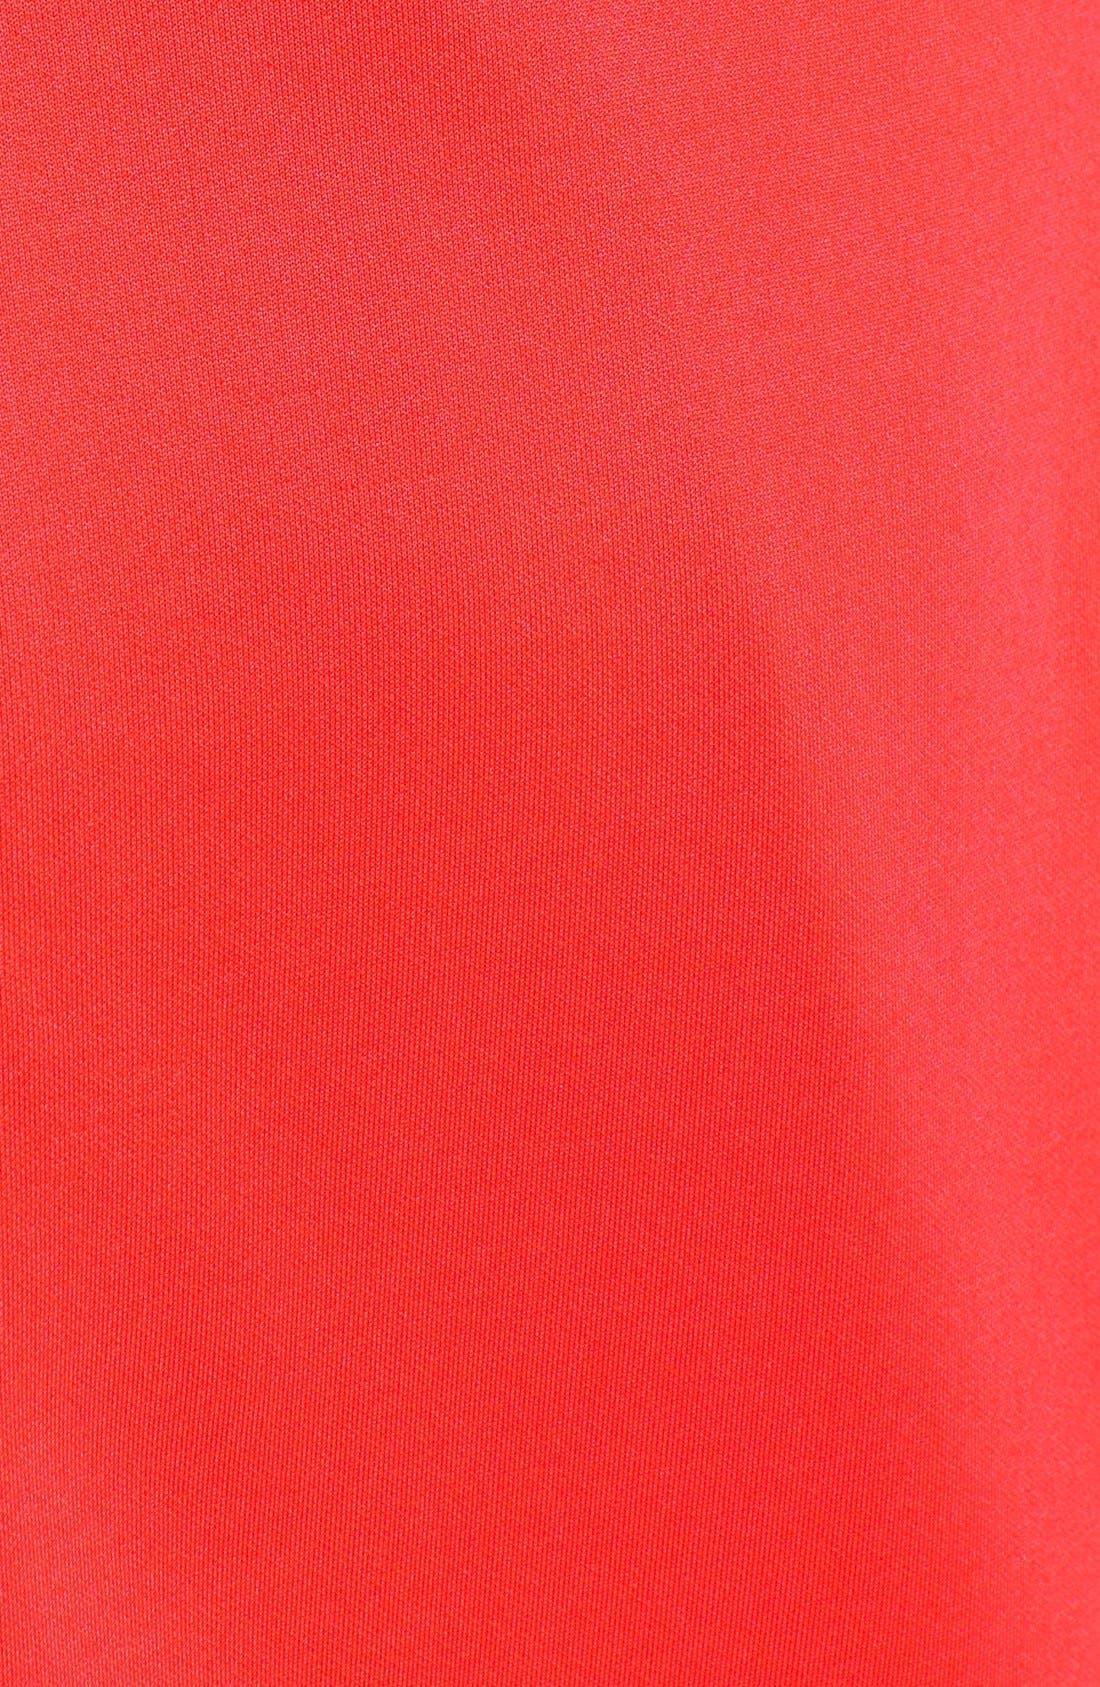 Alternate Image 4  - Jessica Simpson Cutout Back Scuba Sheath Dress